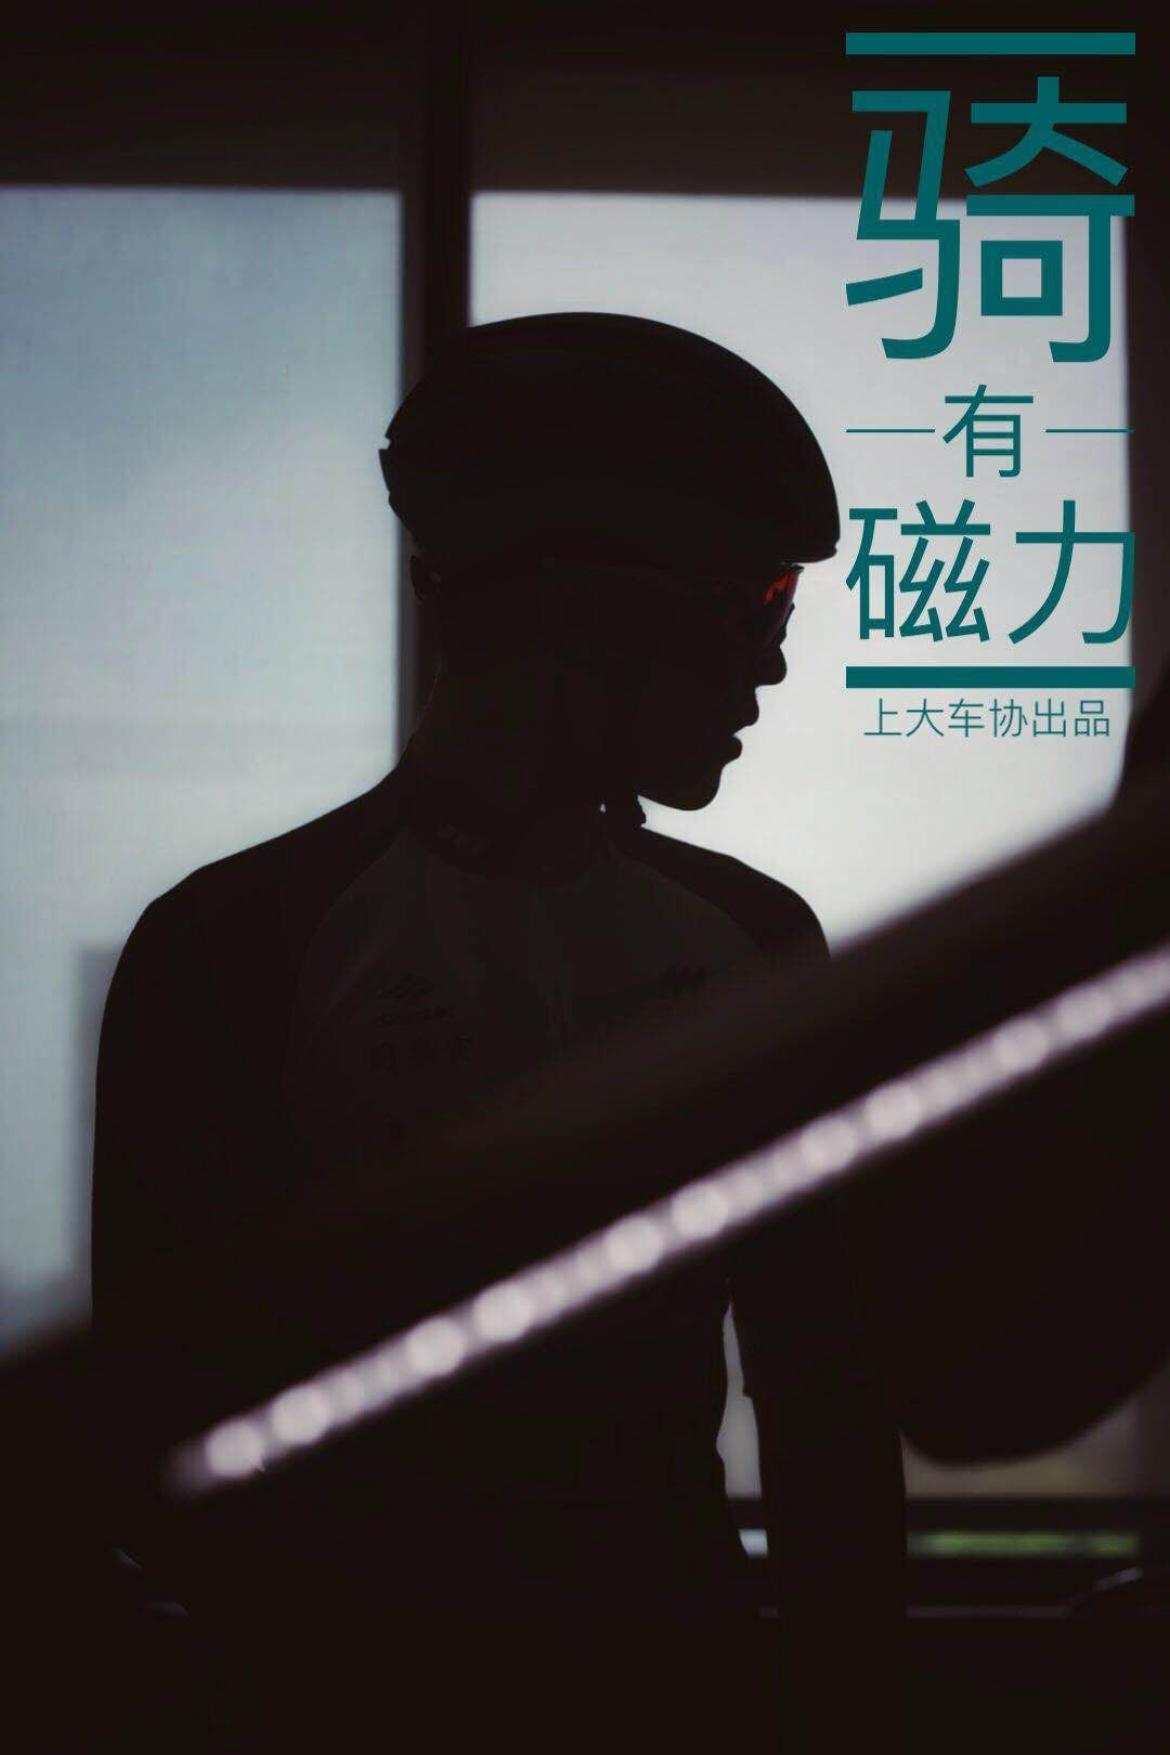 上海大学自行车协会mmexport1530447233812.jpg